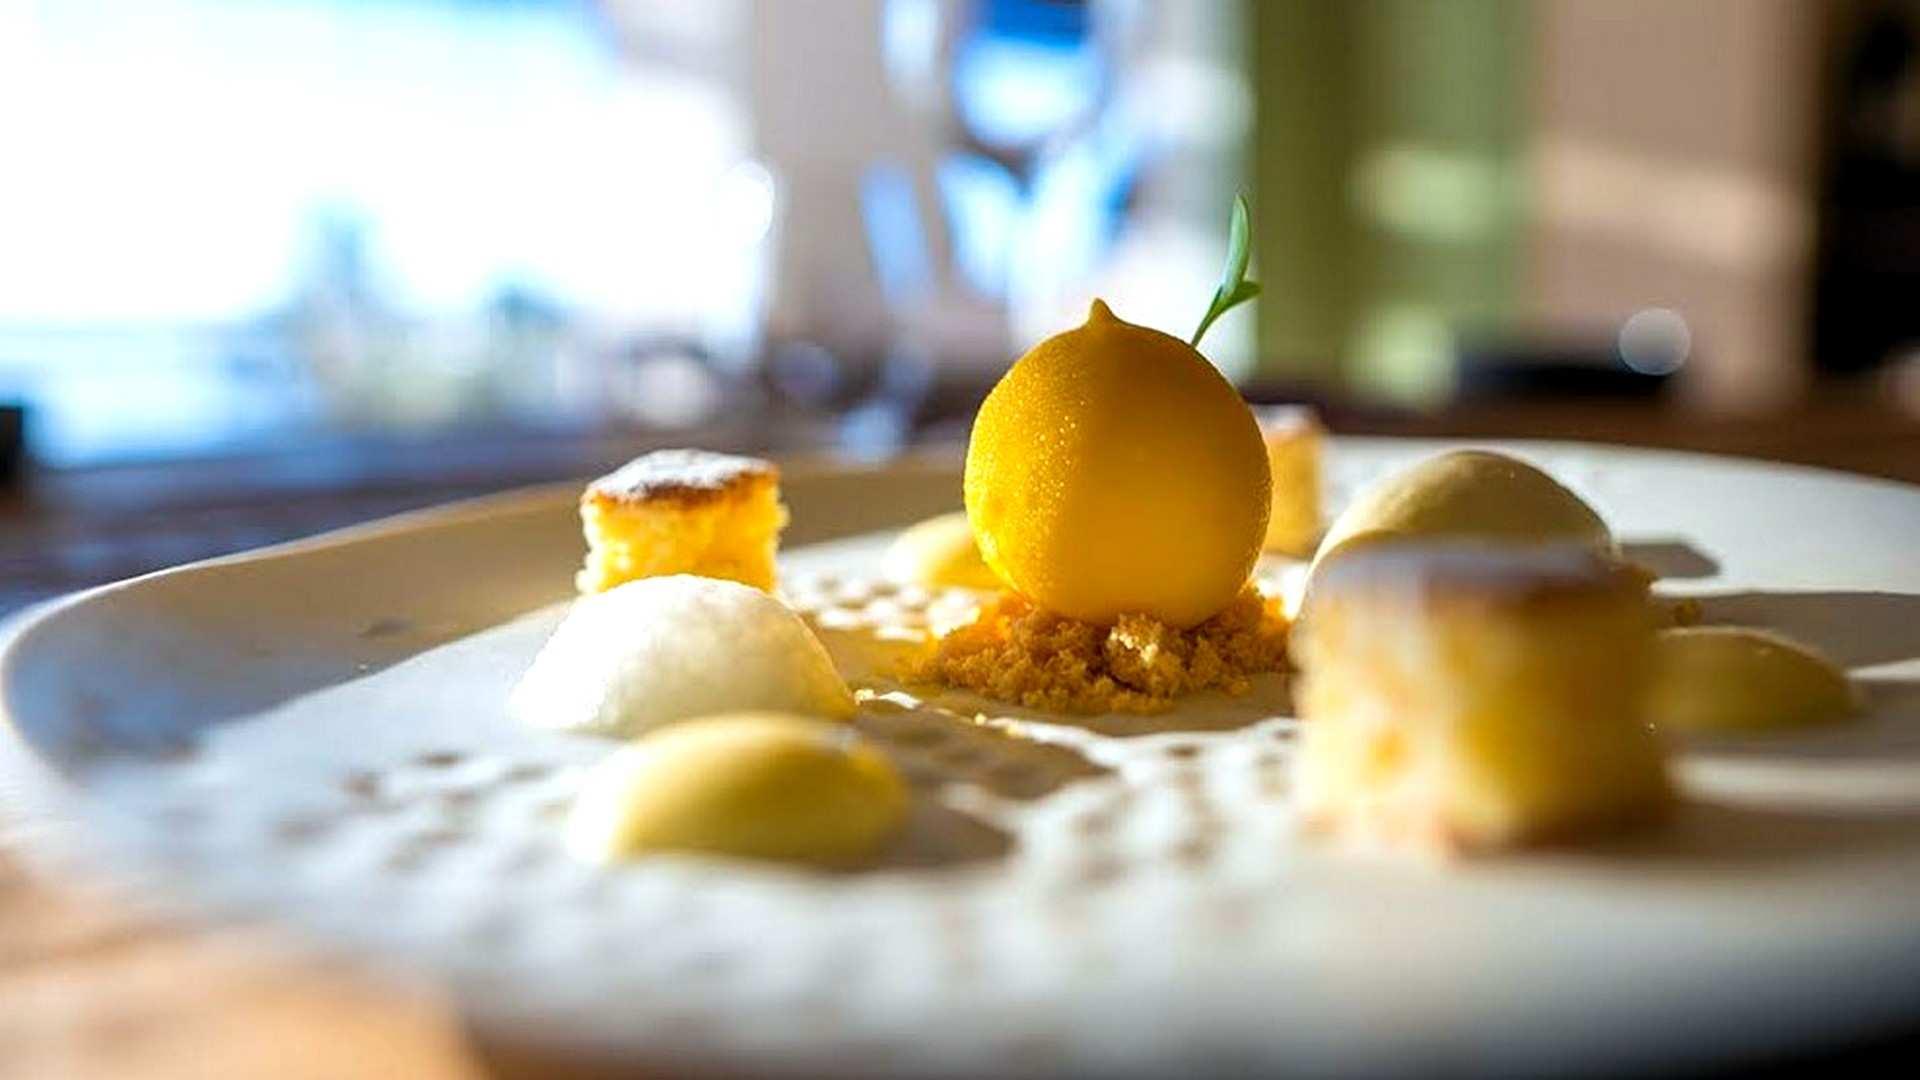 Alta repostería: receta de limón mimético relleno de sorbete de champagne, granizado de ginebra y helado de albahaca y lima